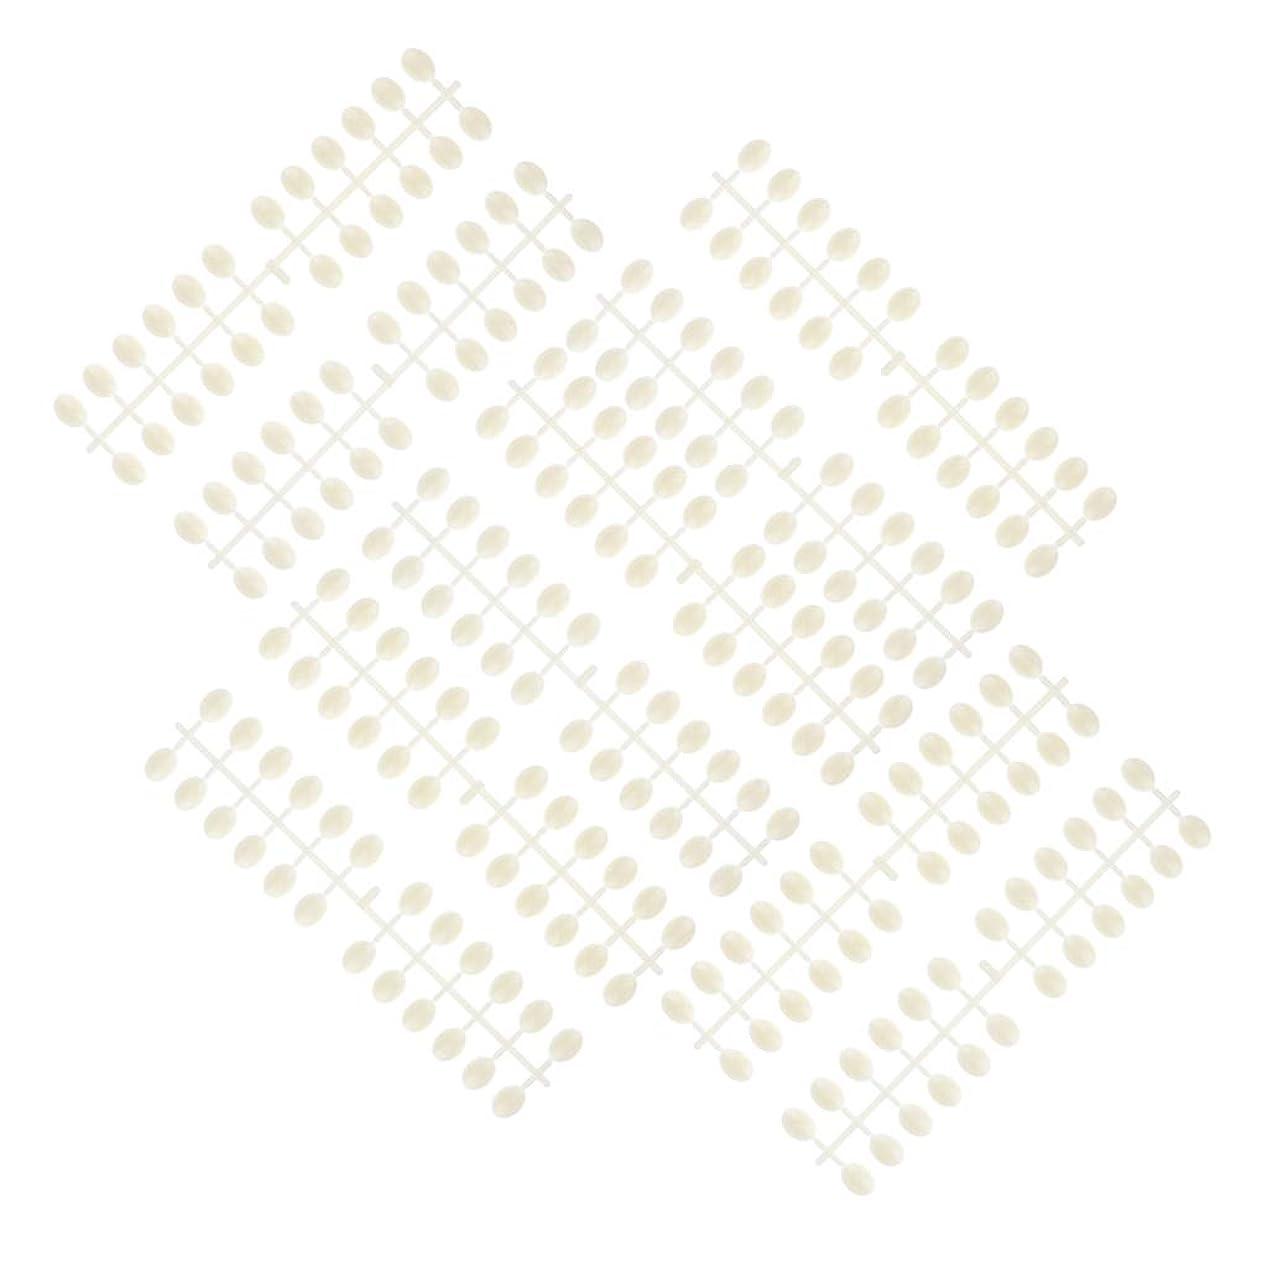 賭け突っ込む肥沃なP Prettyia 10枚 ネイルアートチップ カラーカード ネイルサロン プロ 3タイプ選べ - ラウンドビーズ